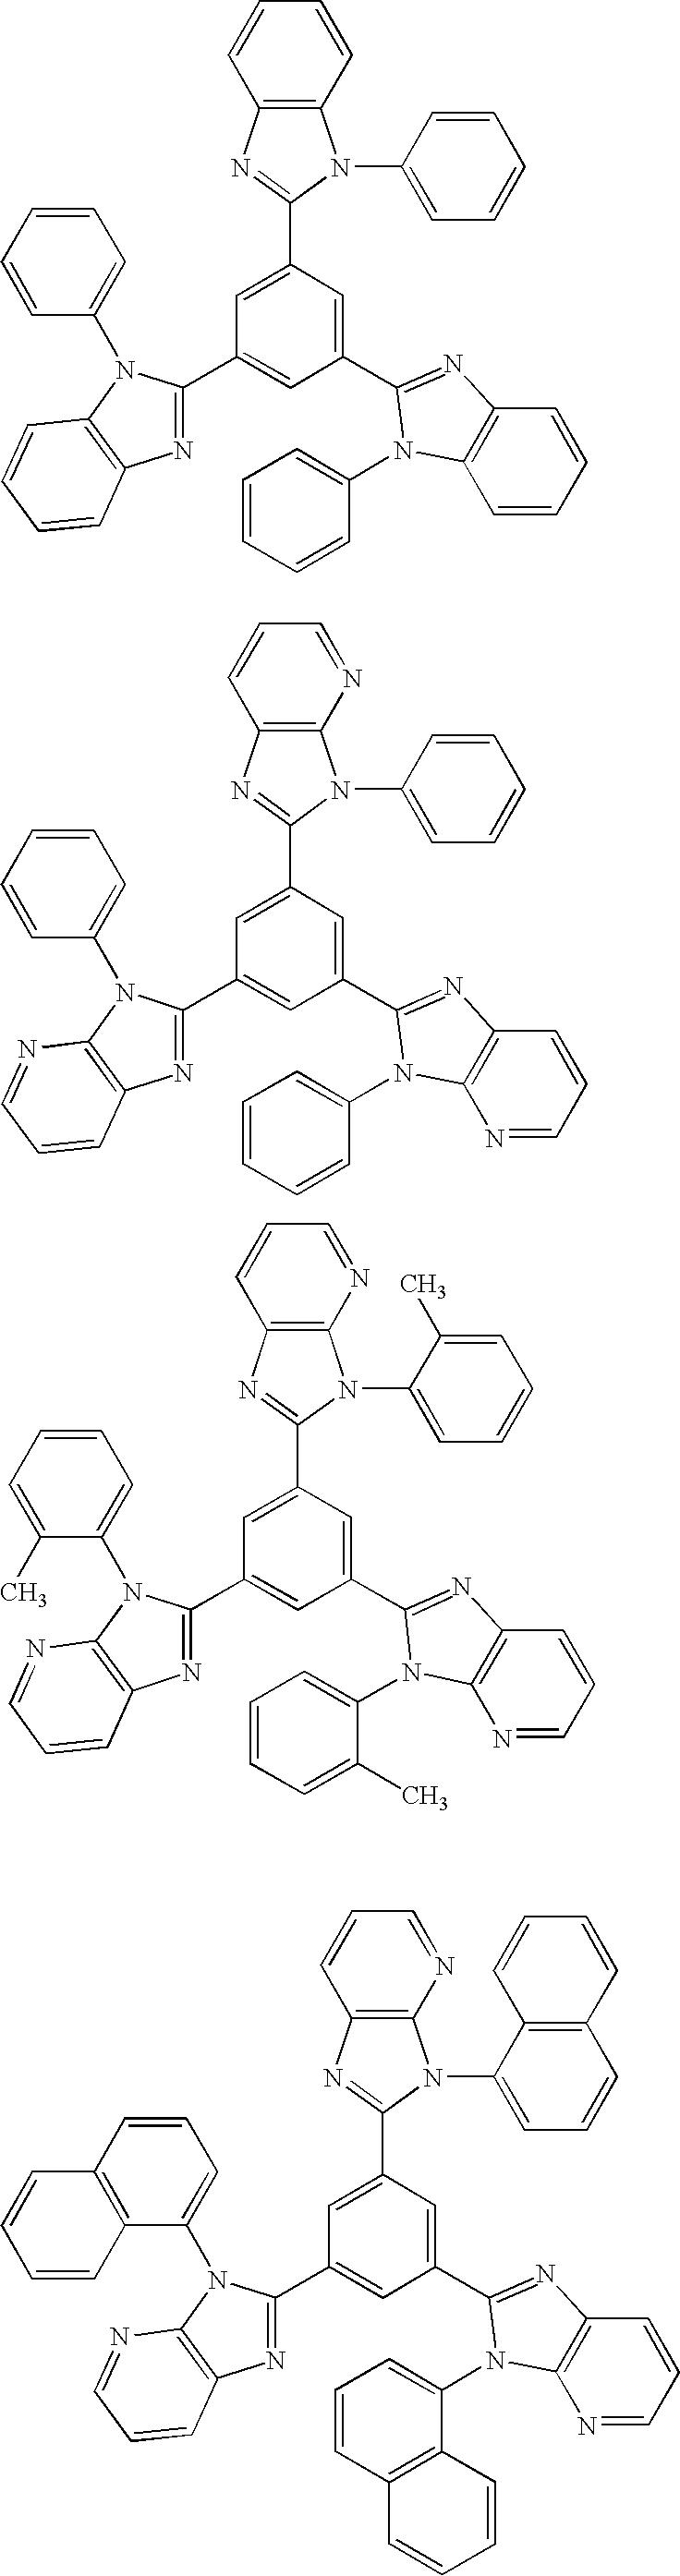 Figure US20060134464A1-20060622-C00026